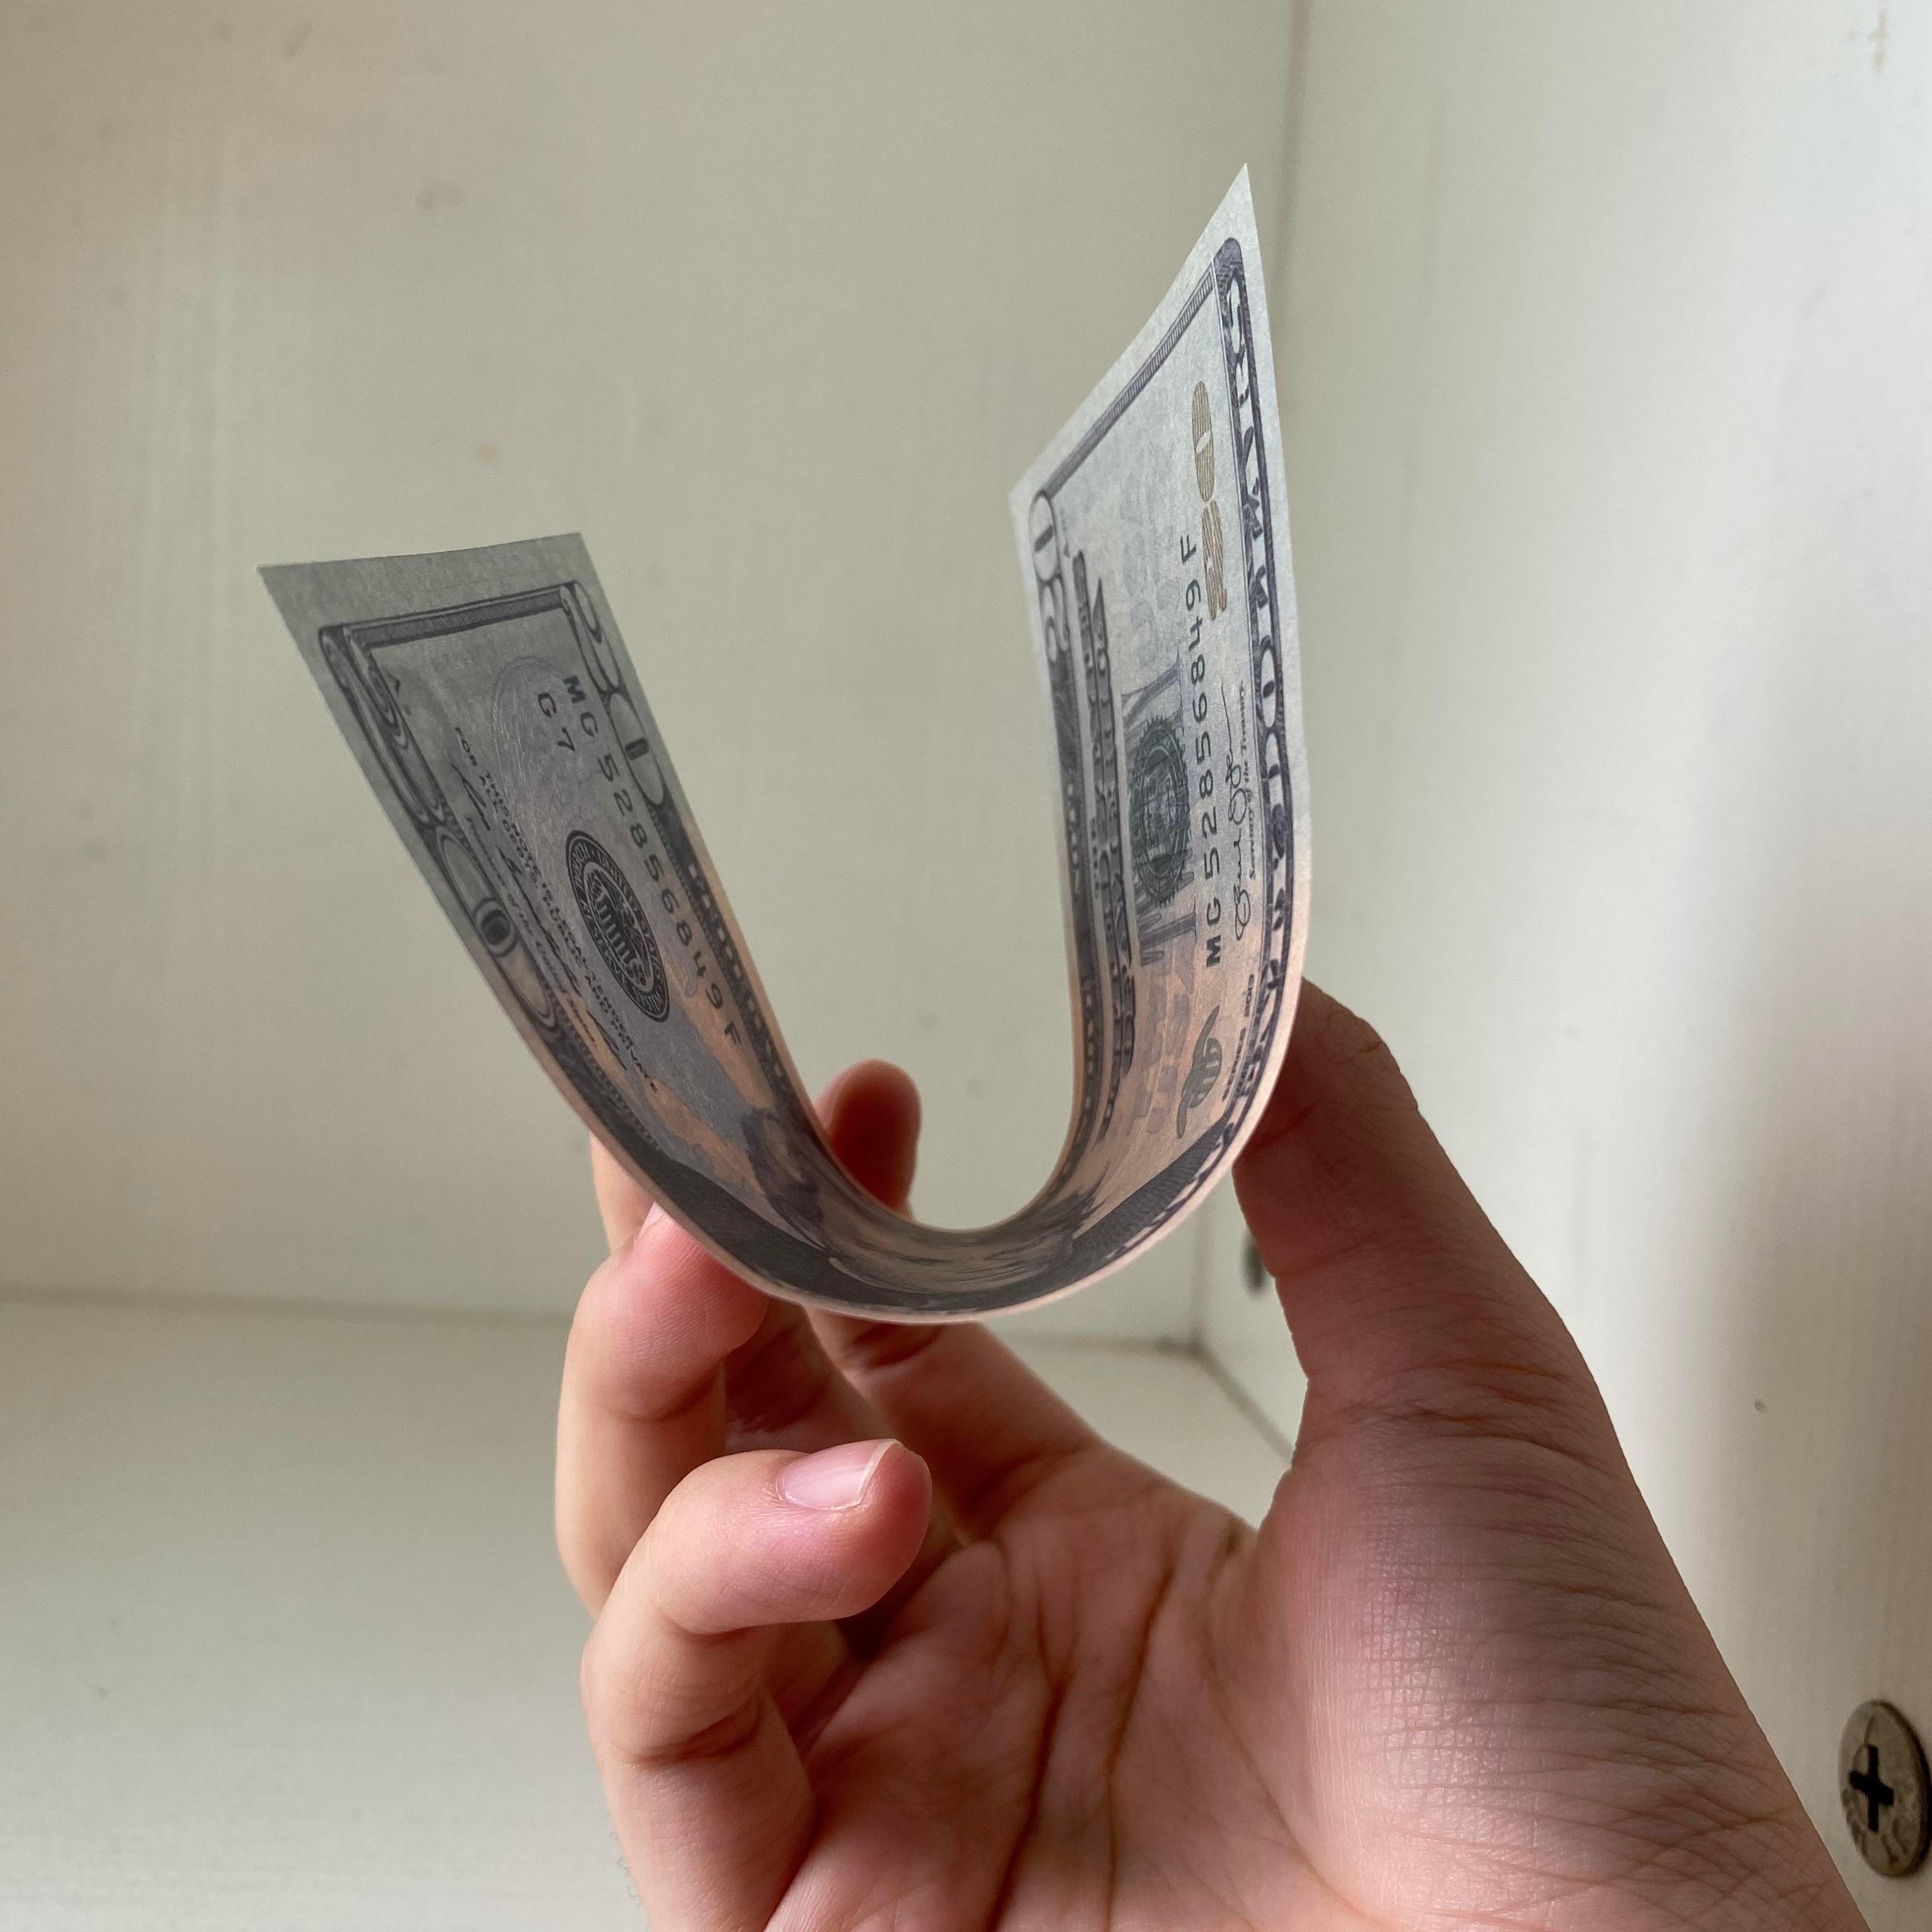 20 100 teile / pack Movie Geld Banknote Nighclub Atmosphäre Dolloren Prop Geld Dekoration Spielzeug Bar Bühne Gefälschte Party 01 HHHMJ